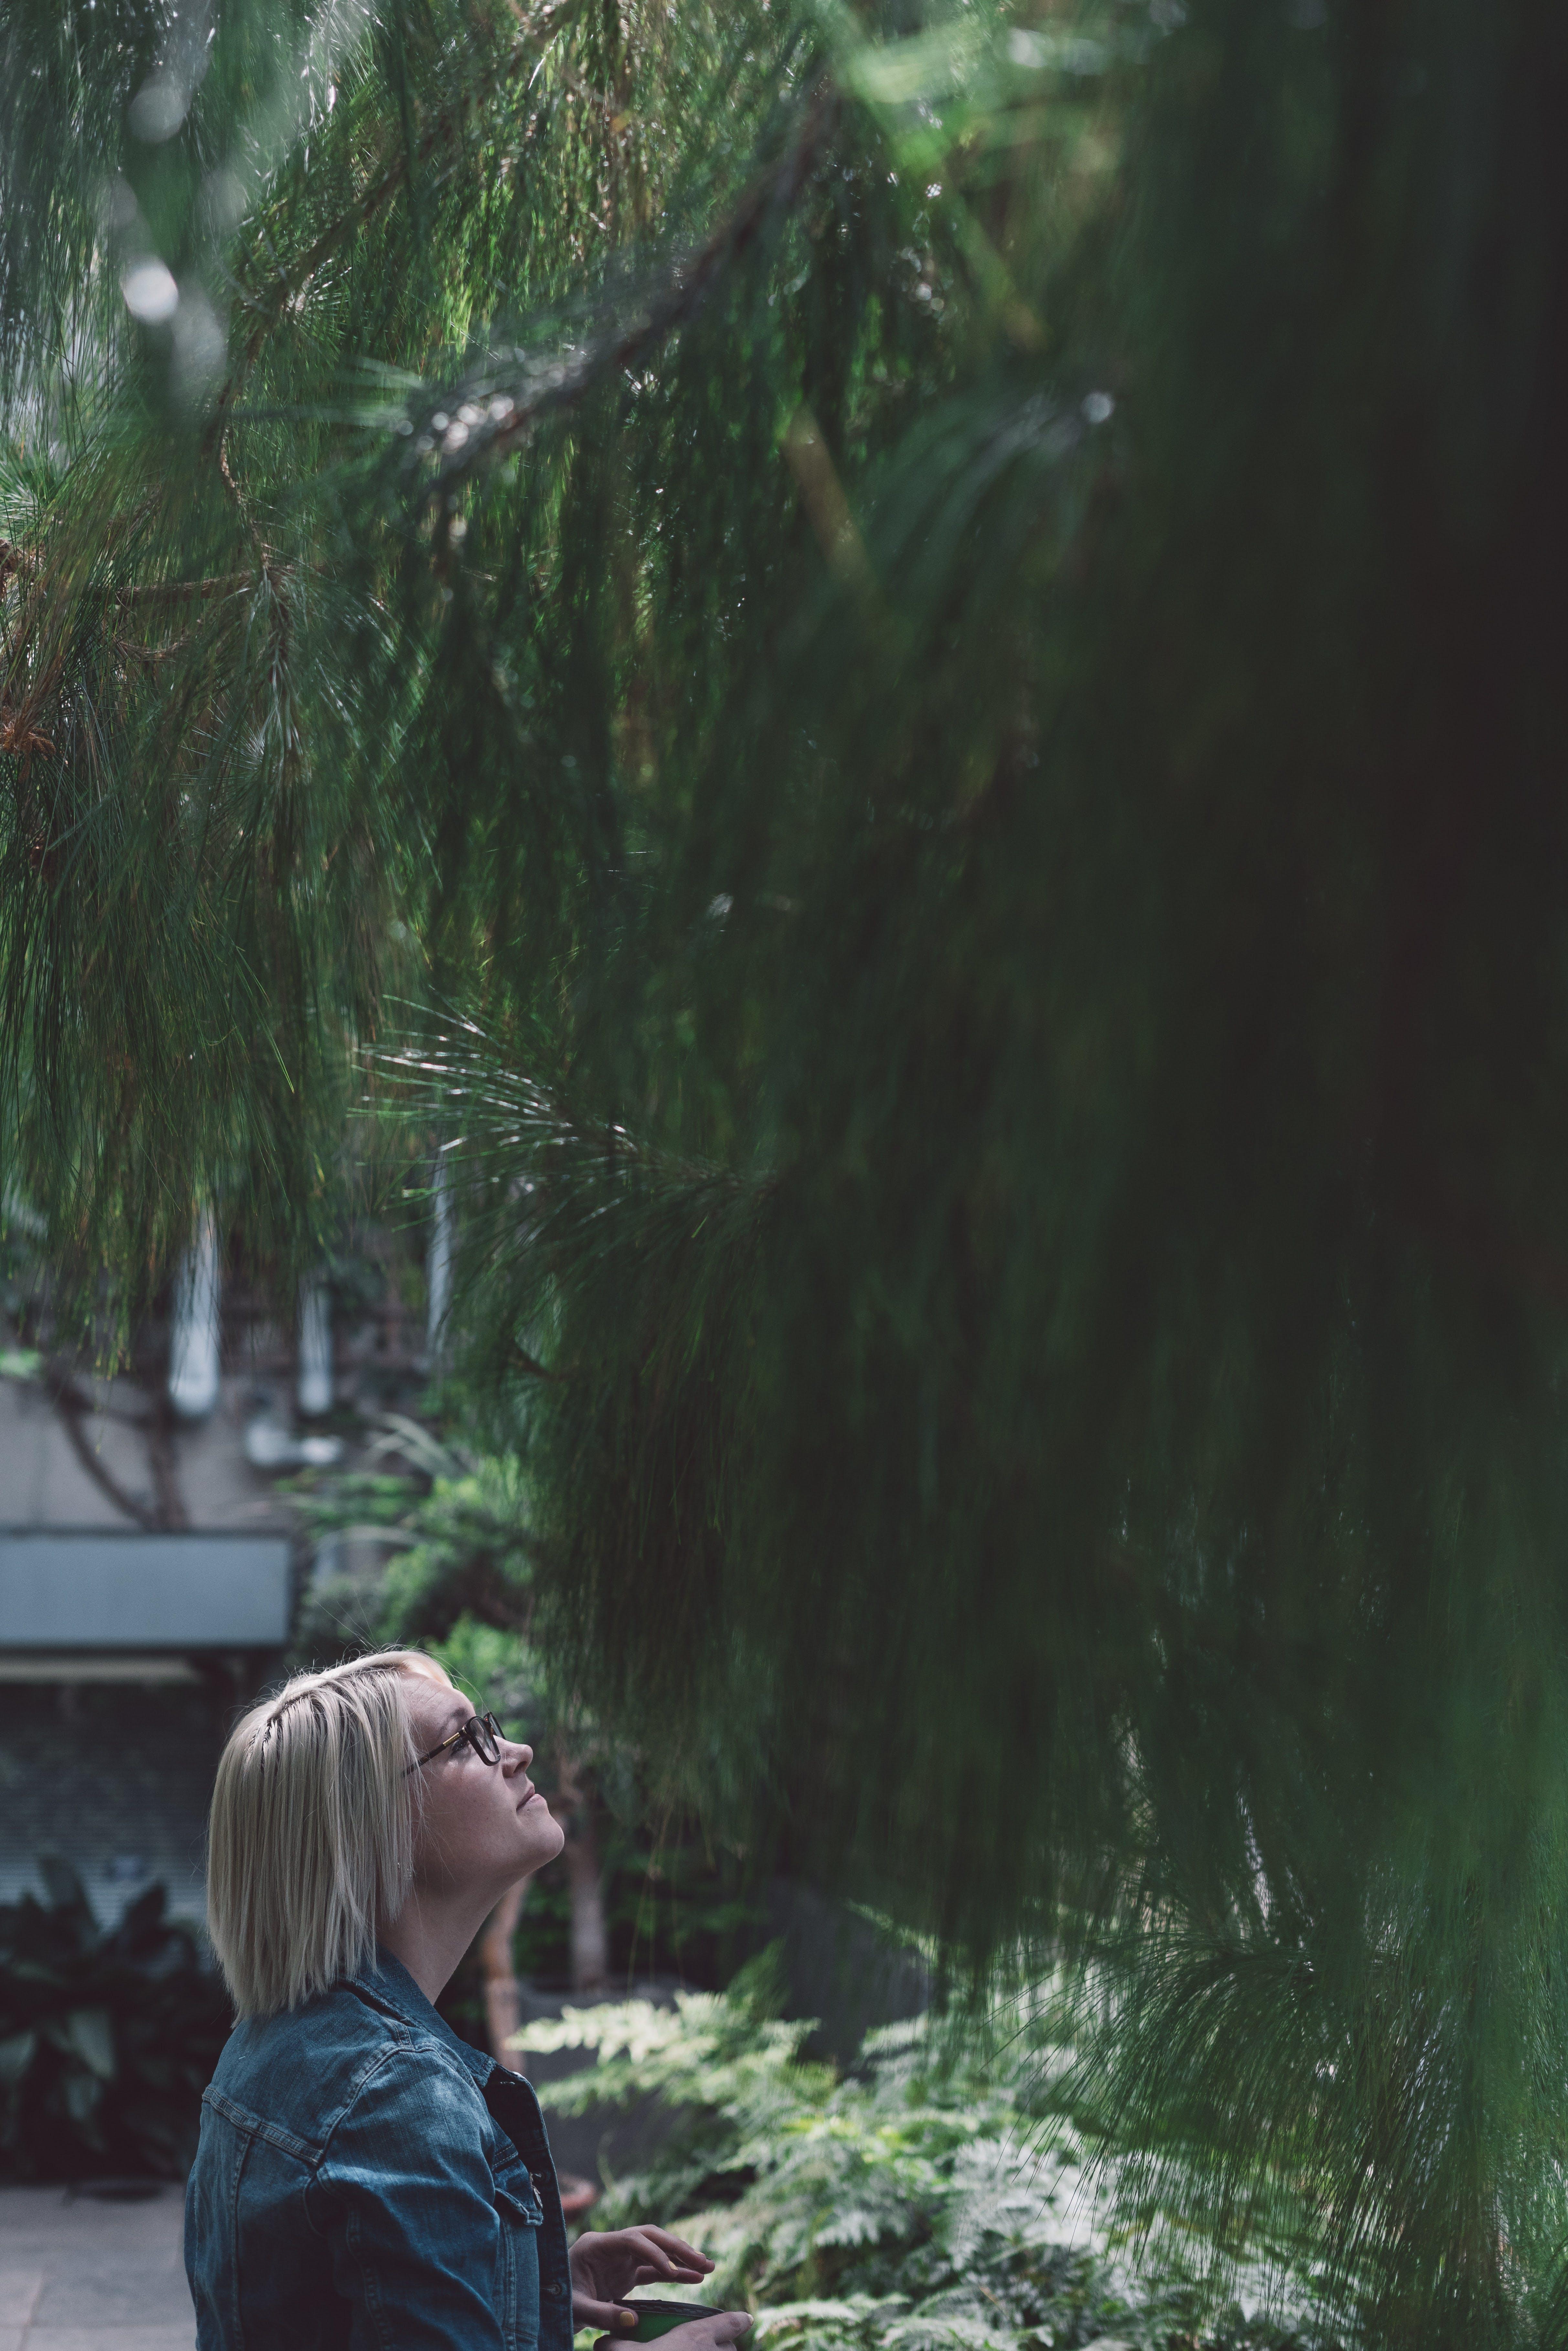 Woman Wearing Eyeglasses Staring at Pine Tree